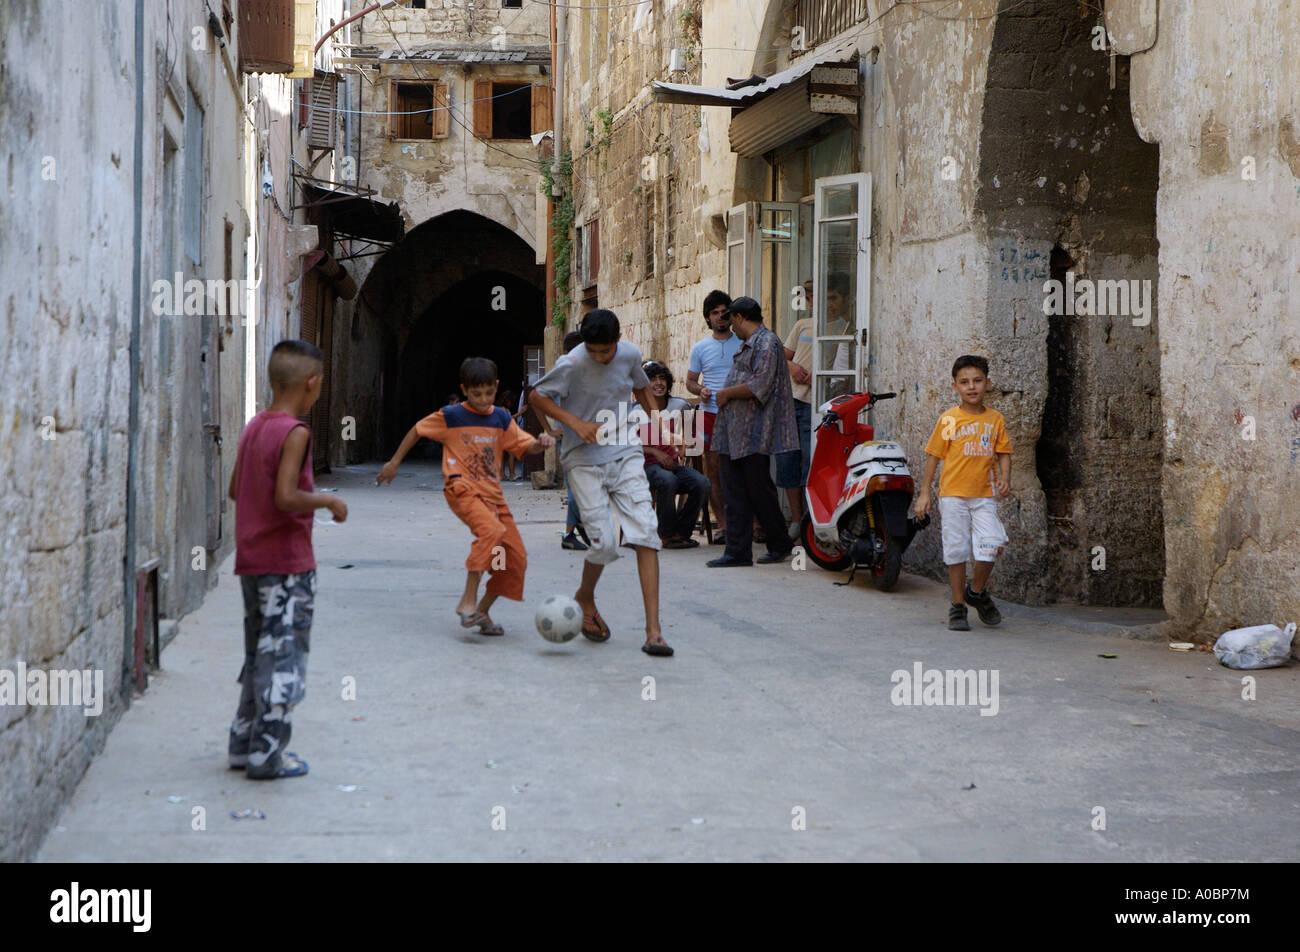 La ville historique dans le nord de la ville libanaise de Tripoli, Liban. Photo Stock